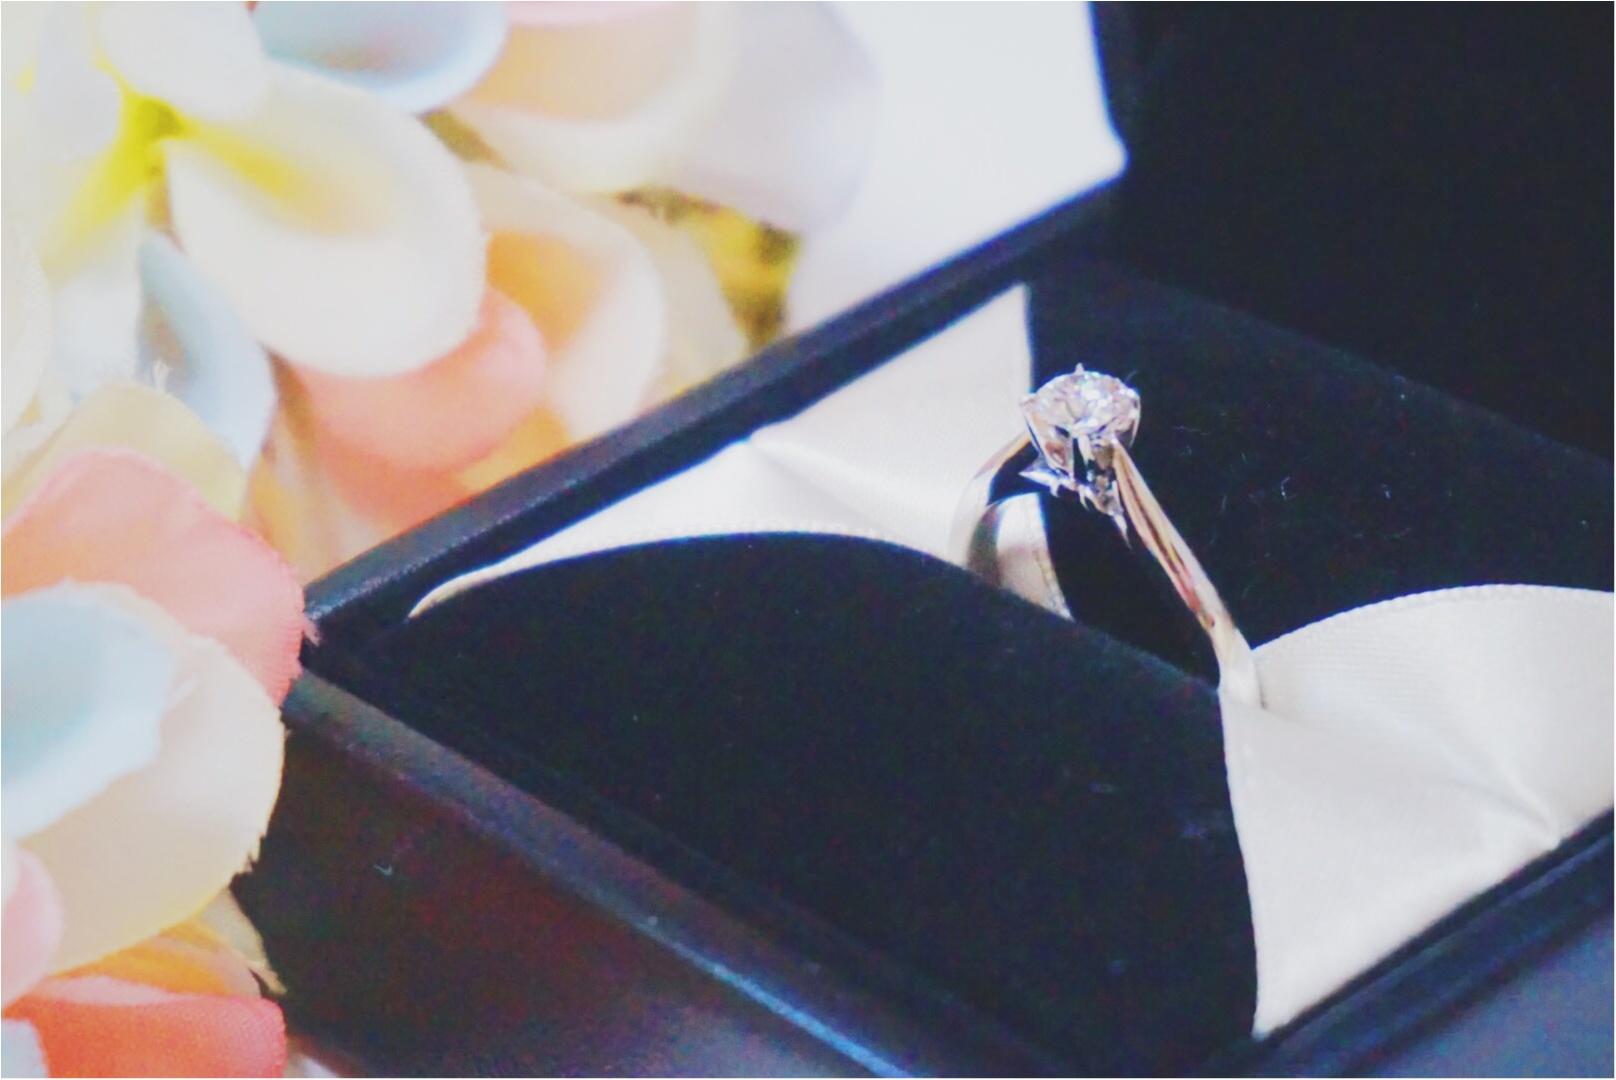 婚約指輪のおすすめブランド特集 - ティファニー、カルティエ、ディオールなどエンゲージリングまとめ_69